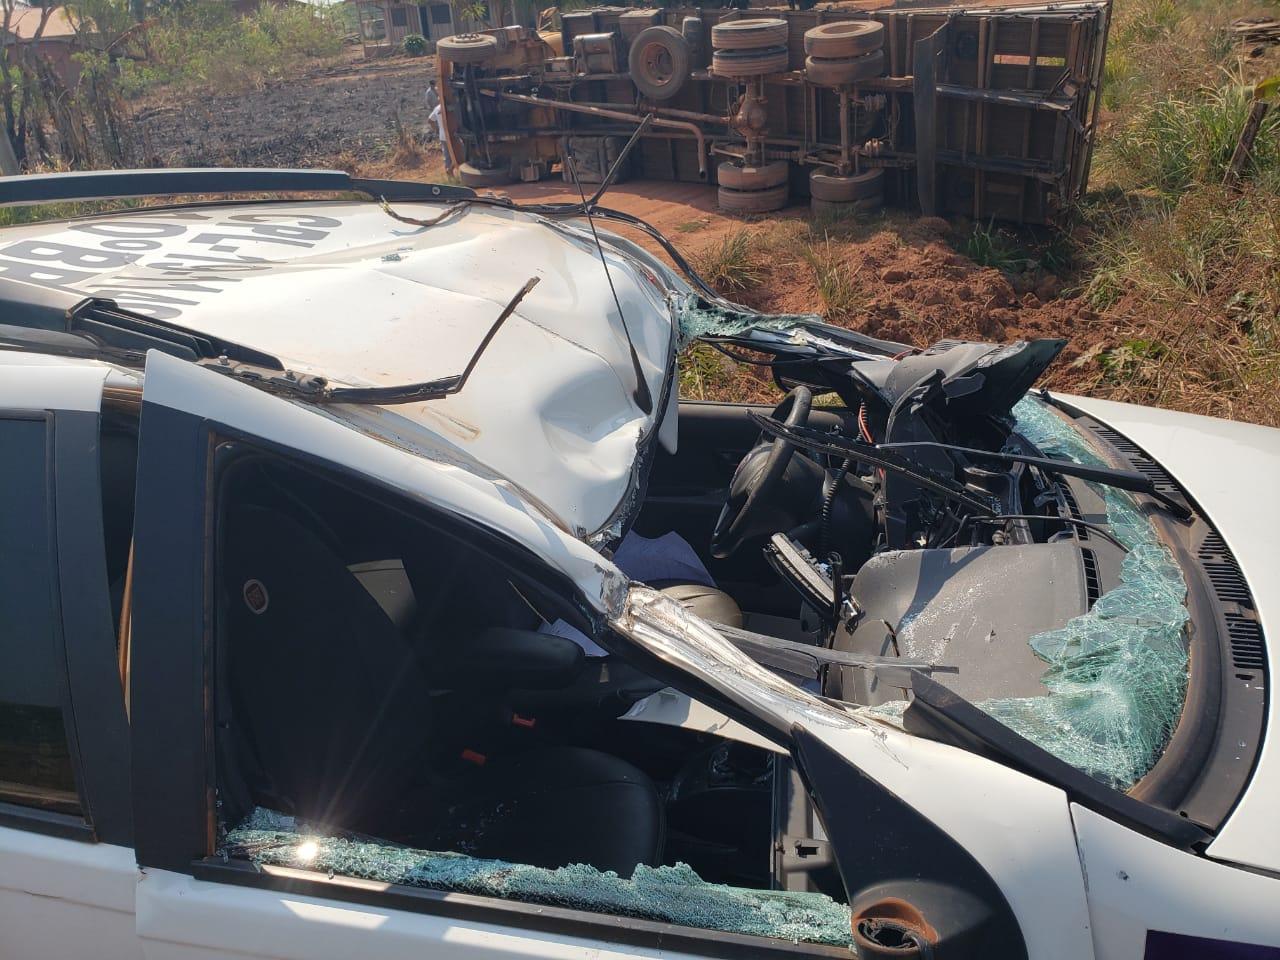 NOVA ESTRELA: Policiais militares se envolvem em acidente enquanto se deslocavam para prestarem apoio em ocorrência policial